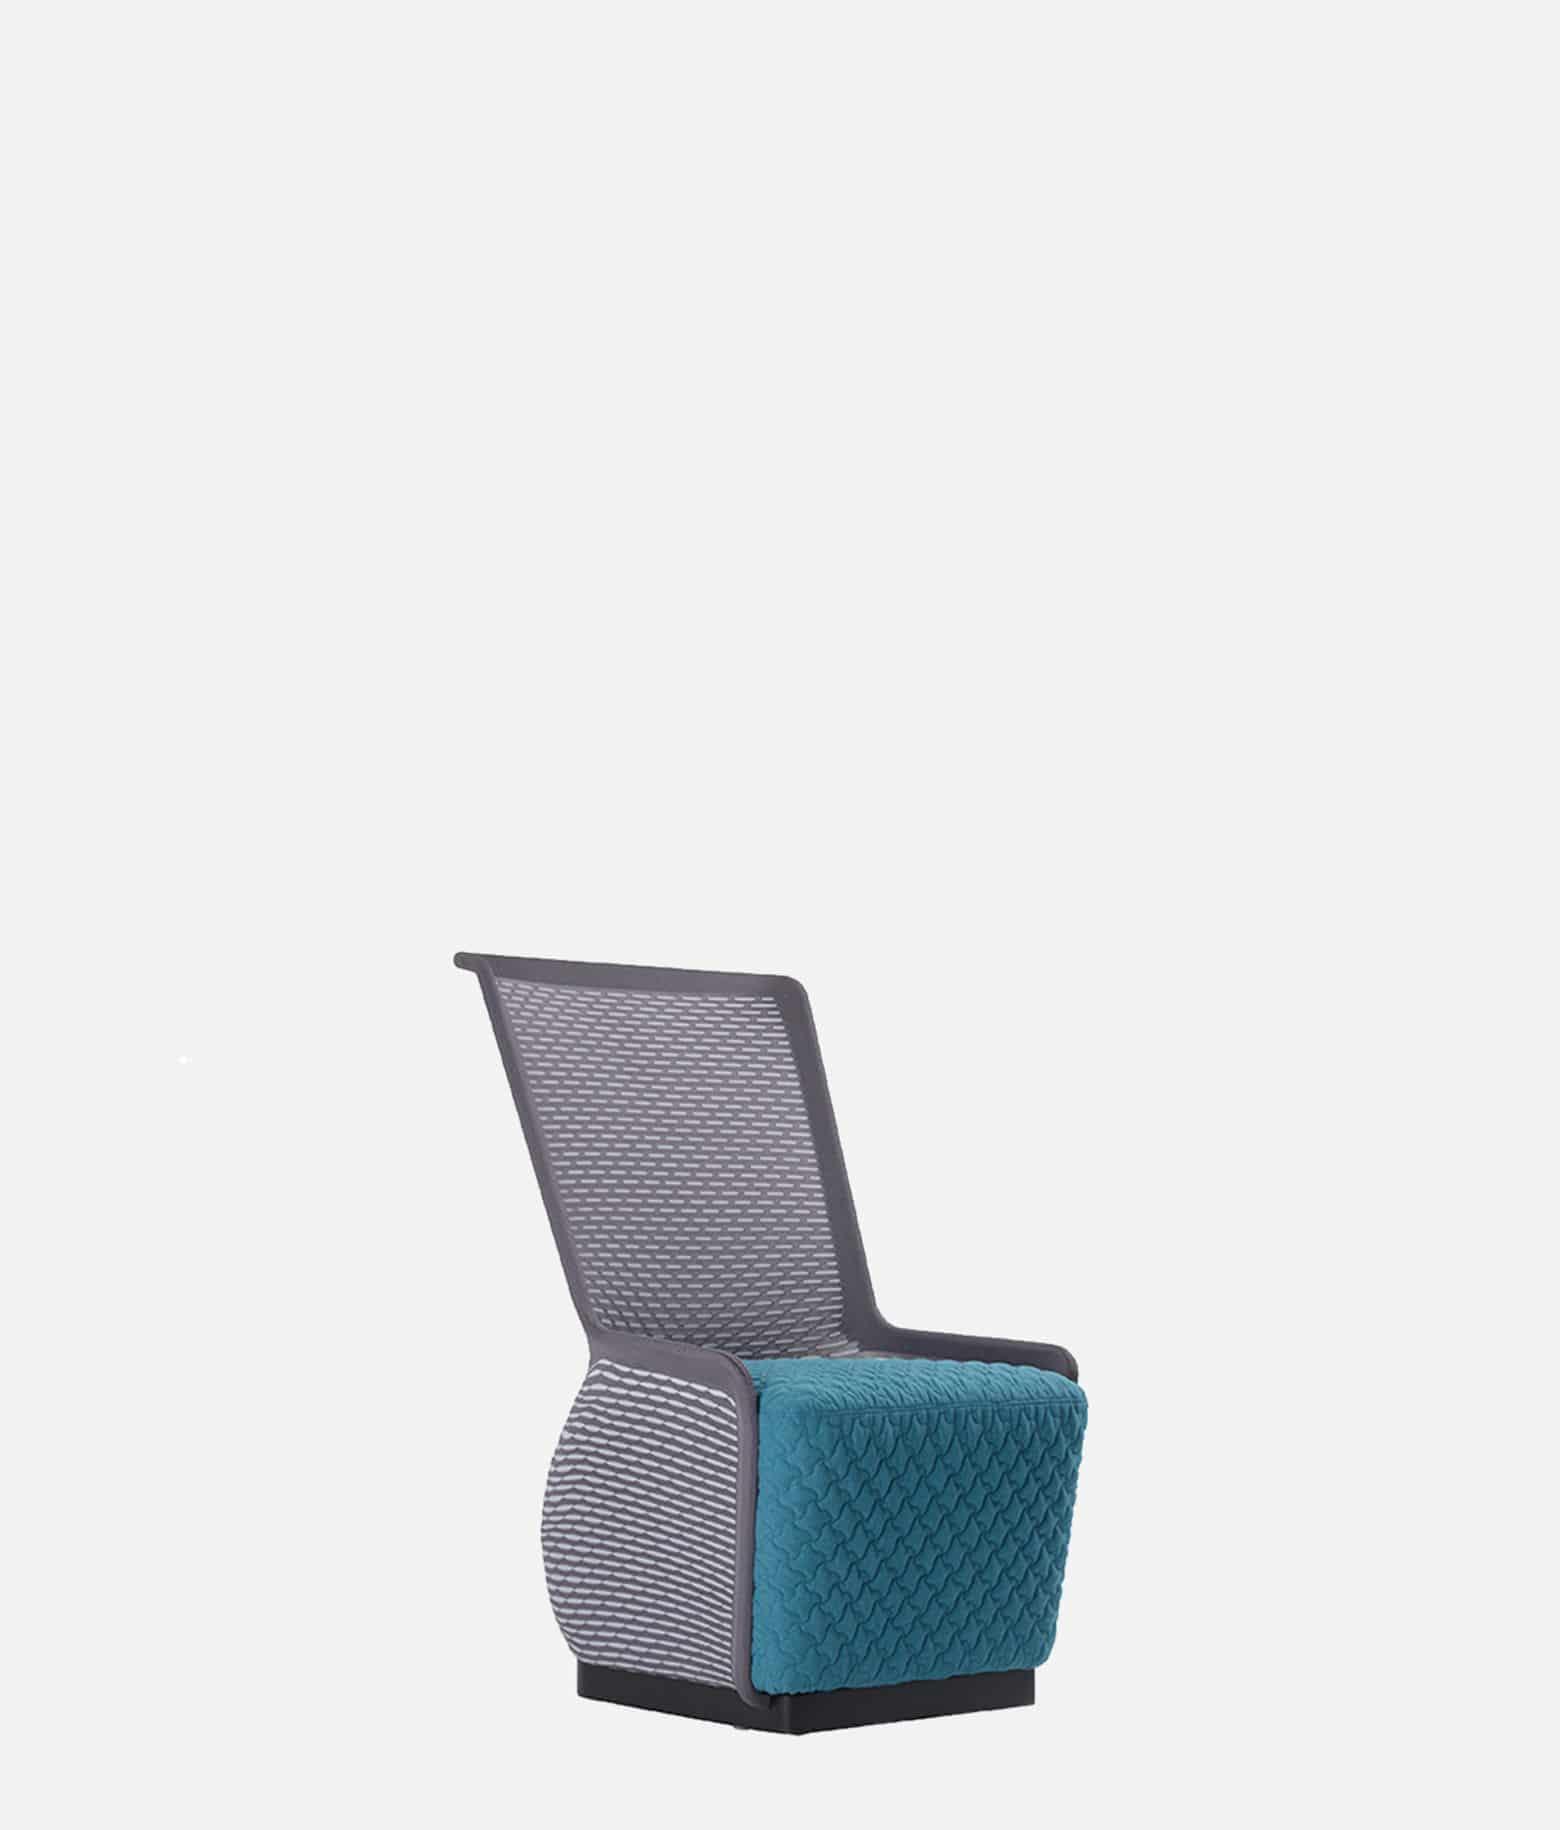 Nitze Lounge Seating m